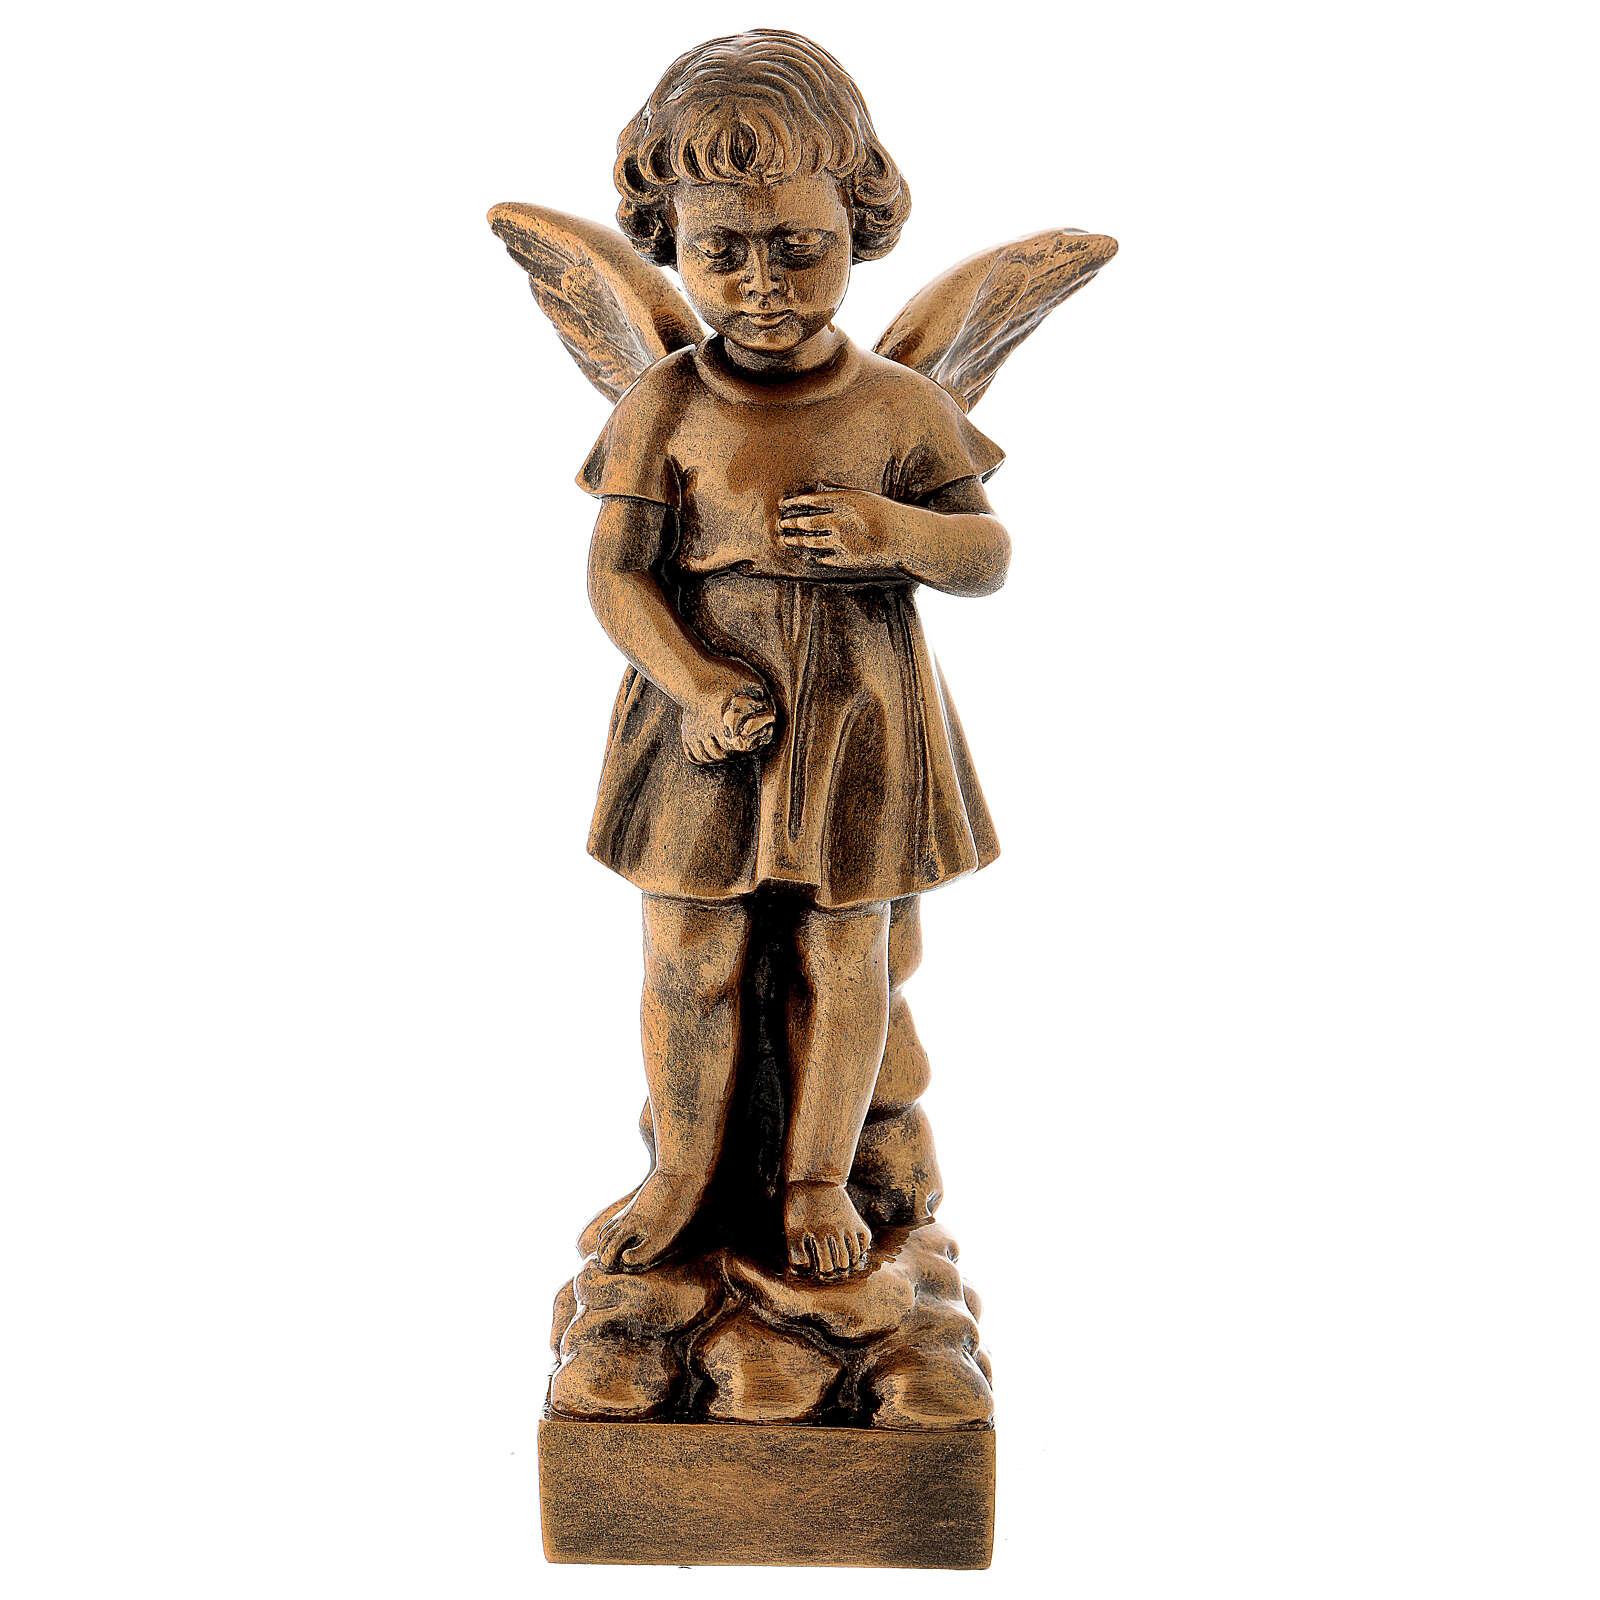 Gettafiori angioletto 30 cm bronzato marmo sintetico PER ESTERNO 4